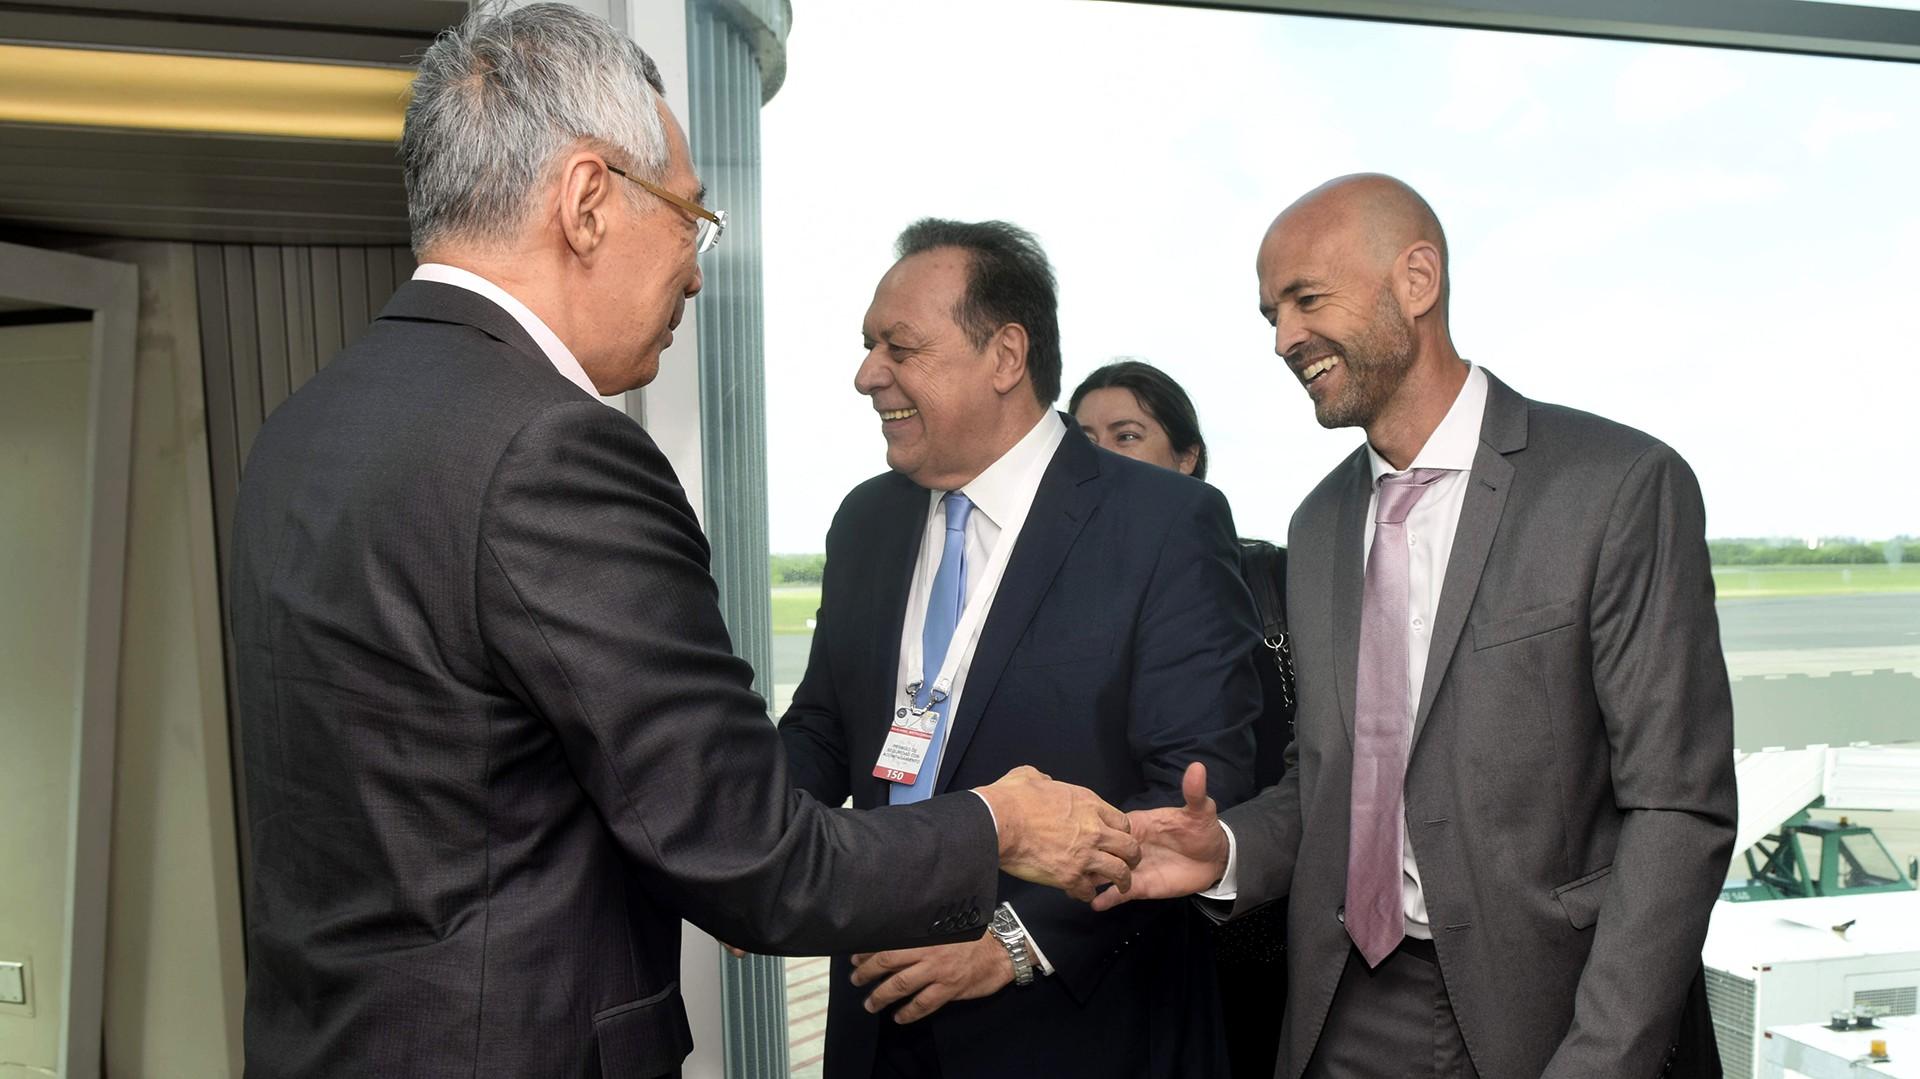 El ministro de Turismo, Guillermo Dietrich, saluda a Lee Hsien Loong